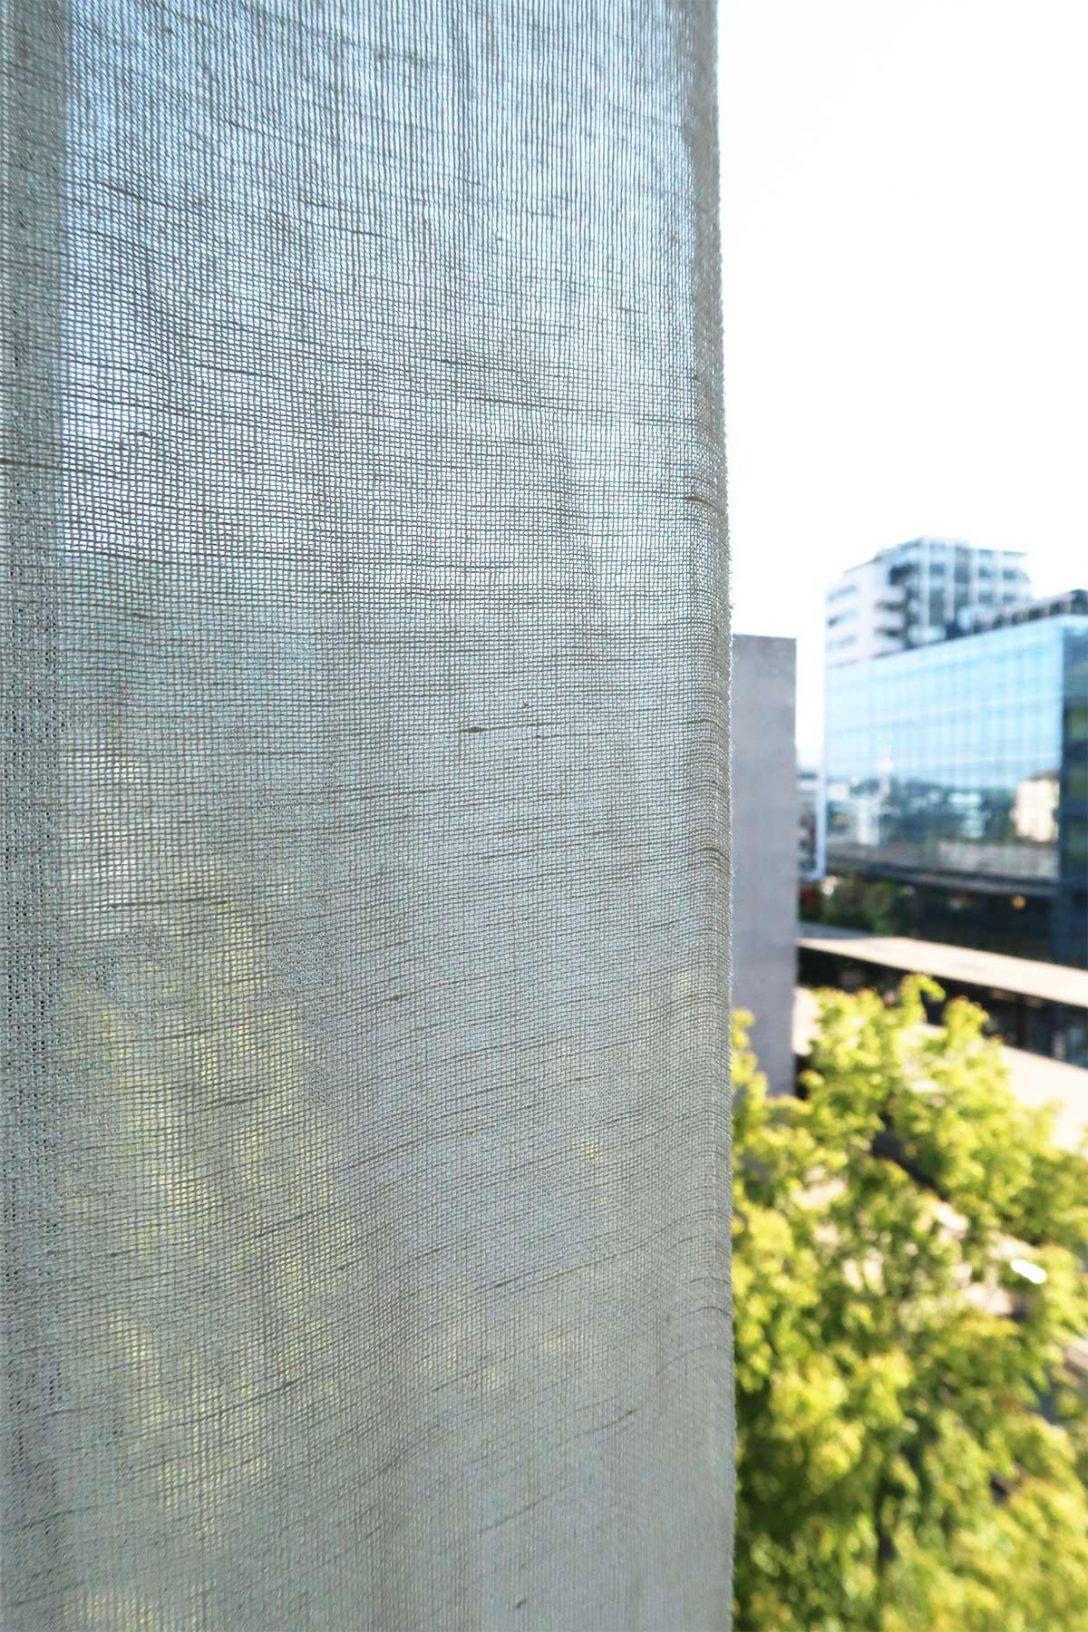 Large Size of Fenster Nach Maß Tagvorhang Tramontana Christian Fischbacher Leinen Optik Trocal Velux Kaufen Internorm Preise Trier Fototapete Schüco Online Auf Braun Fenster Fenster Nach Maß